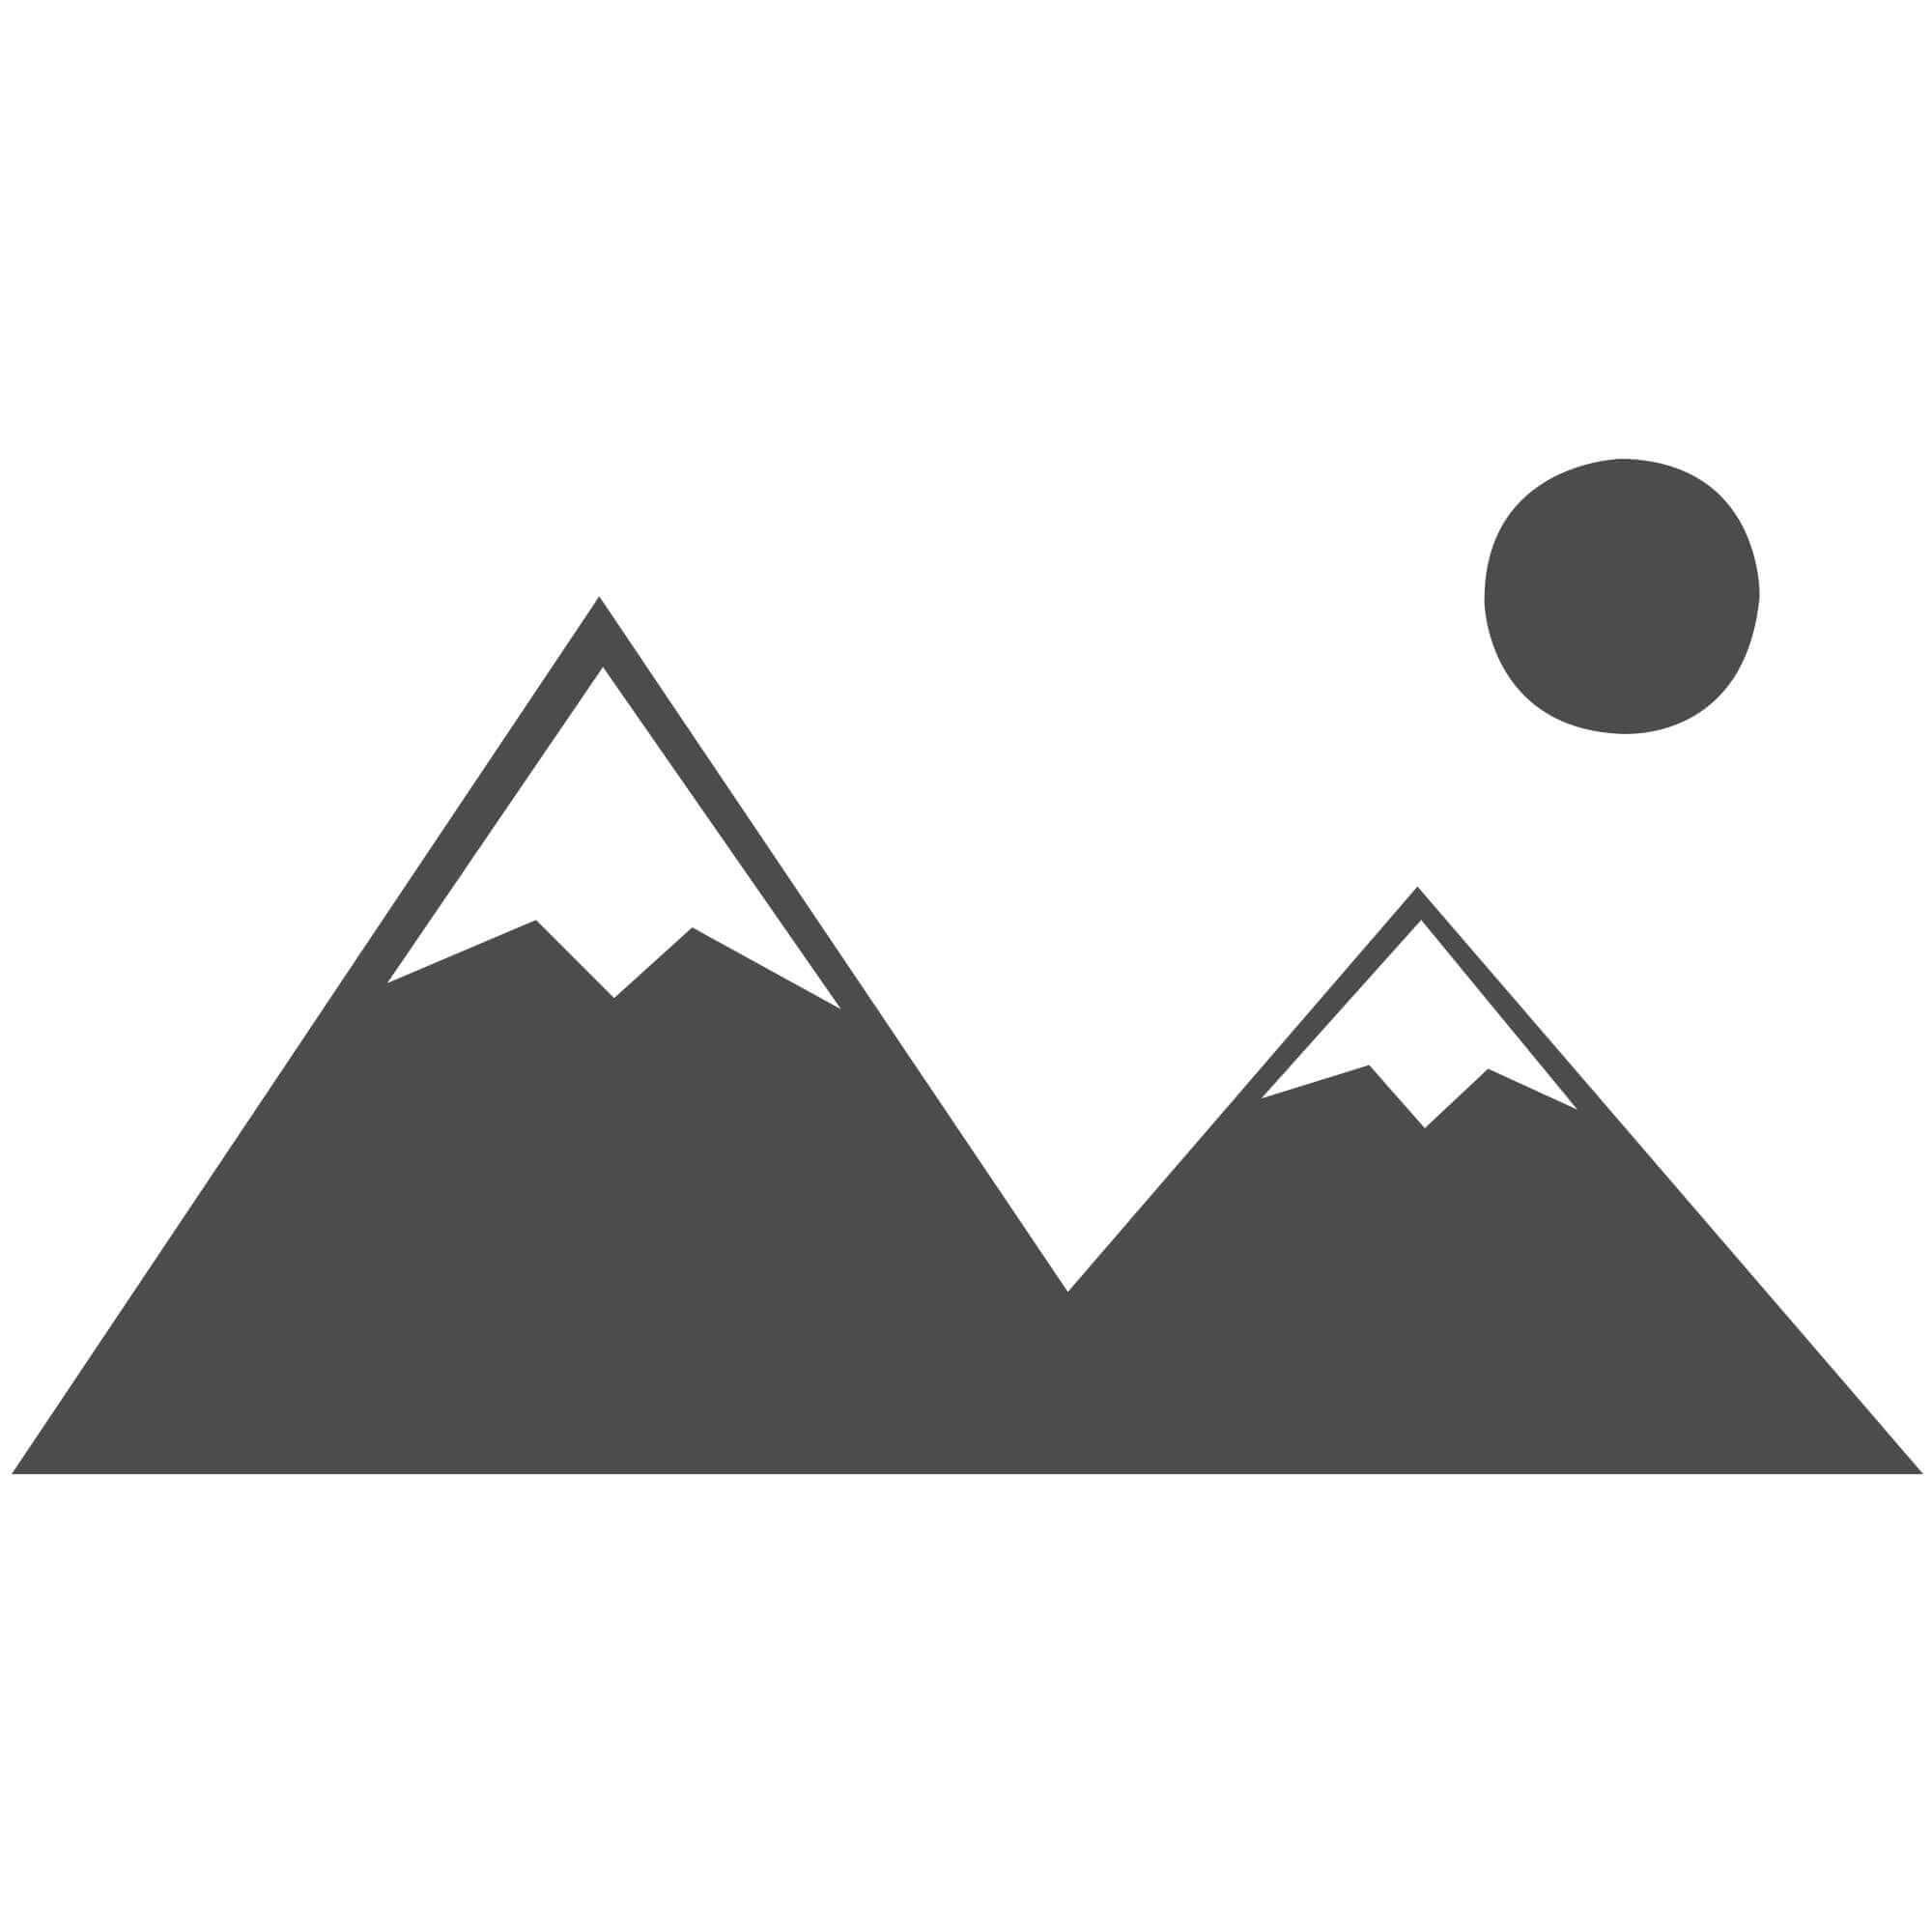 """Cube Shaggy Rug - Grey - Size 80 x 150 cm (2'8"""" x 5')"""